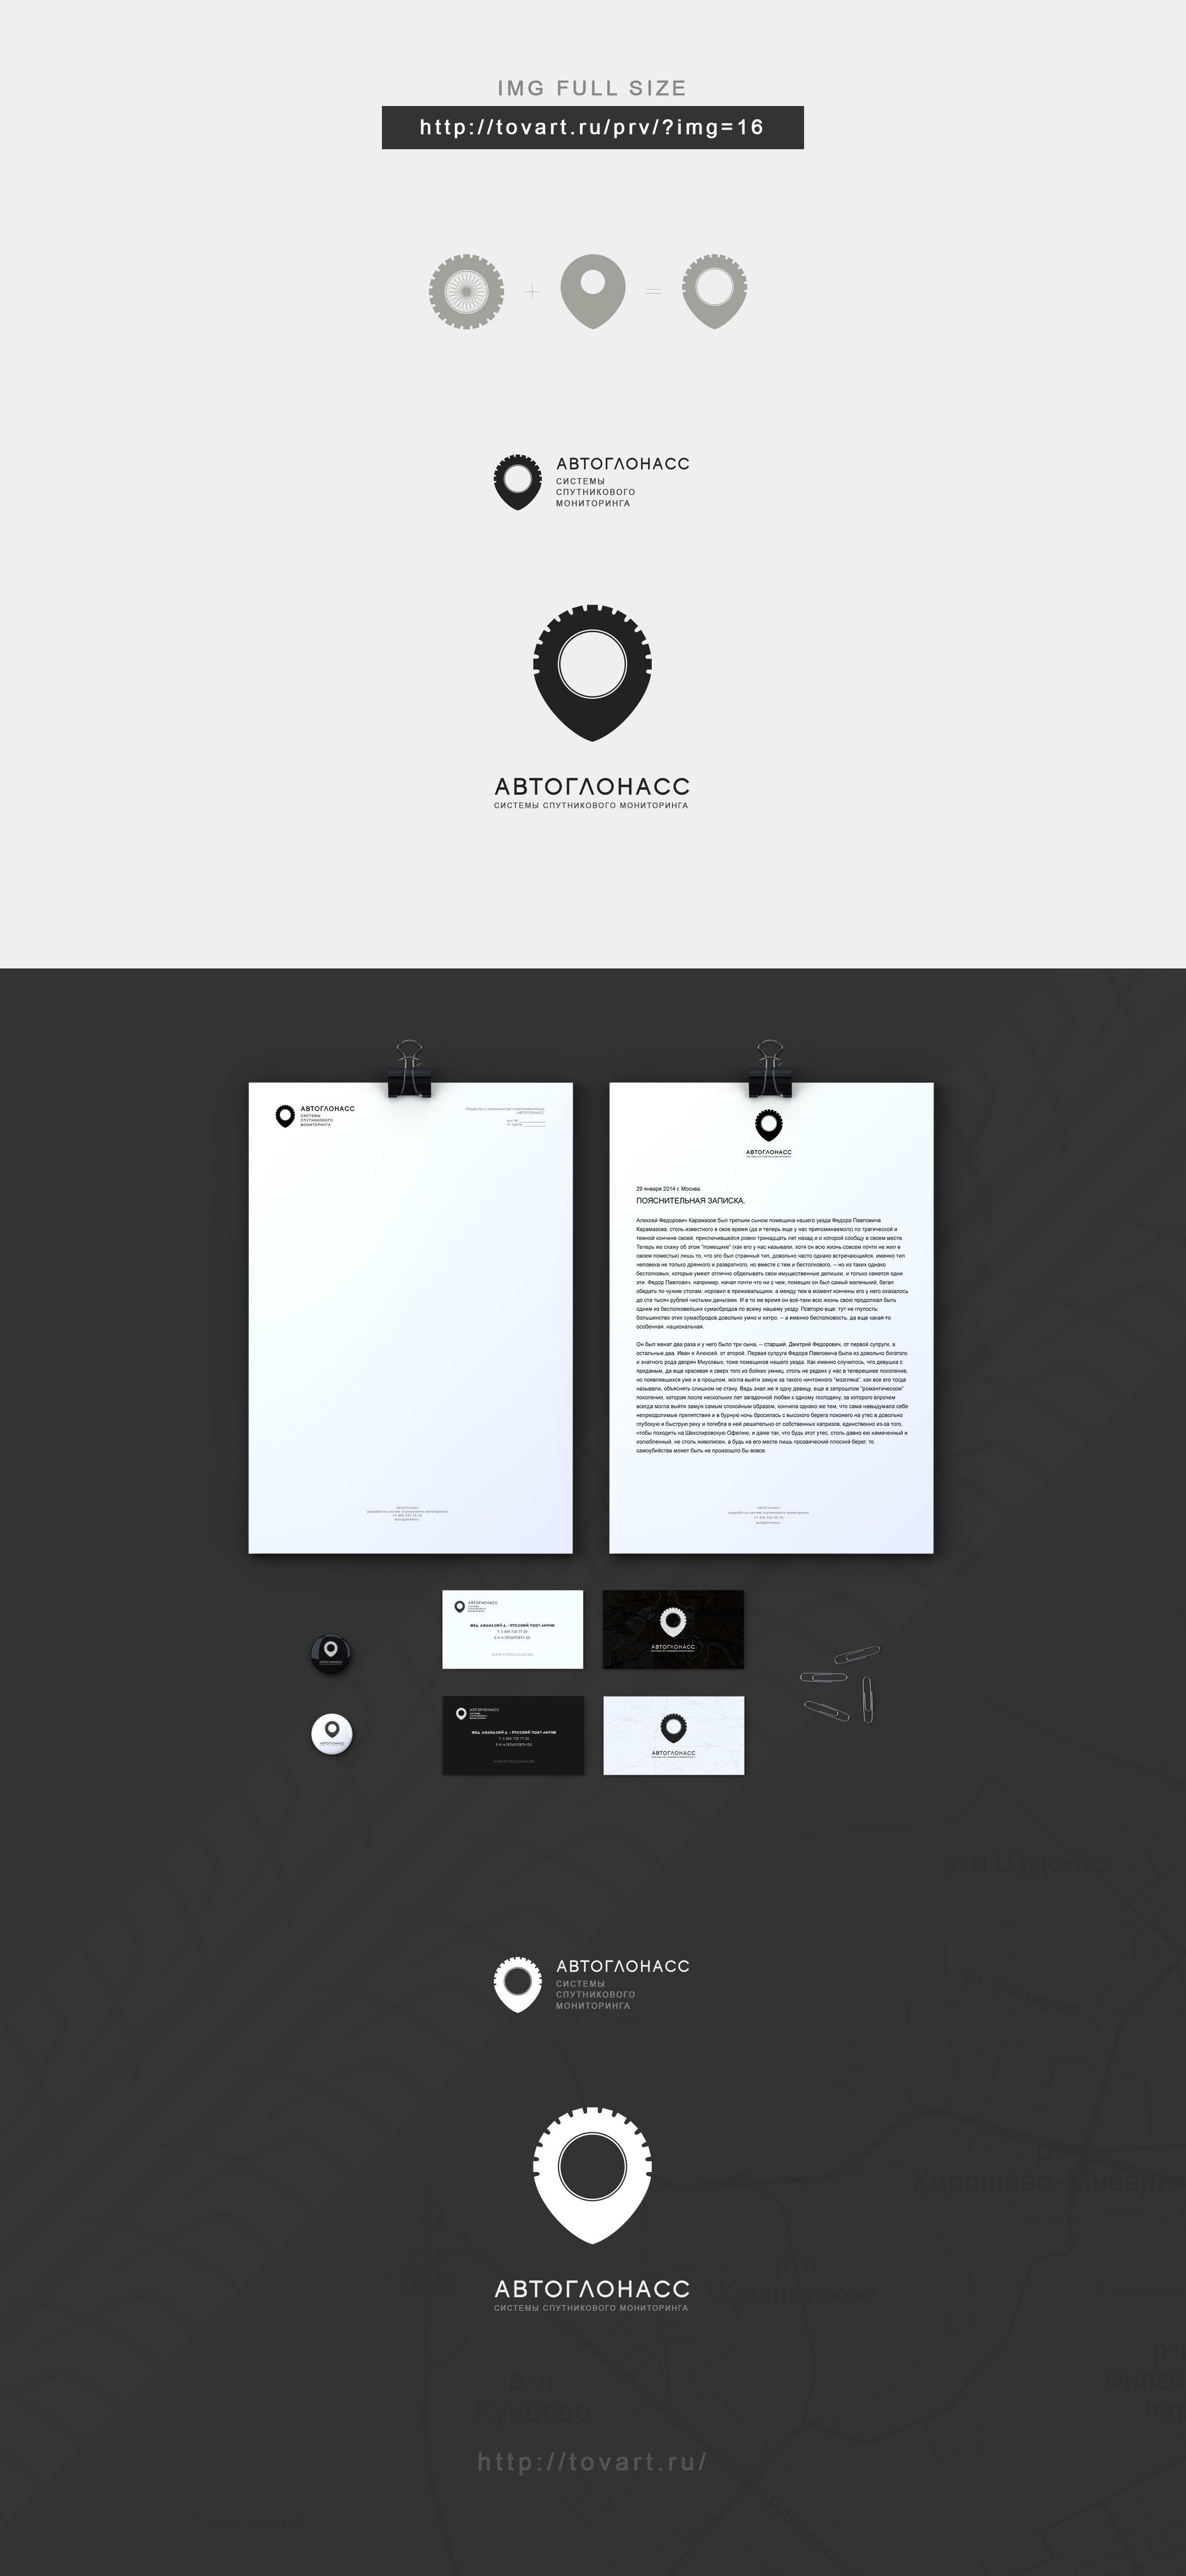 Логотип и фирменный стиль проекта АвтоГЛОНАСС - дизайнер slavikx3m